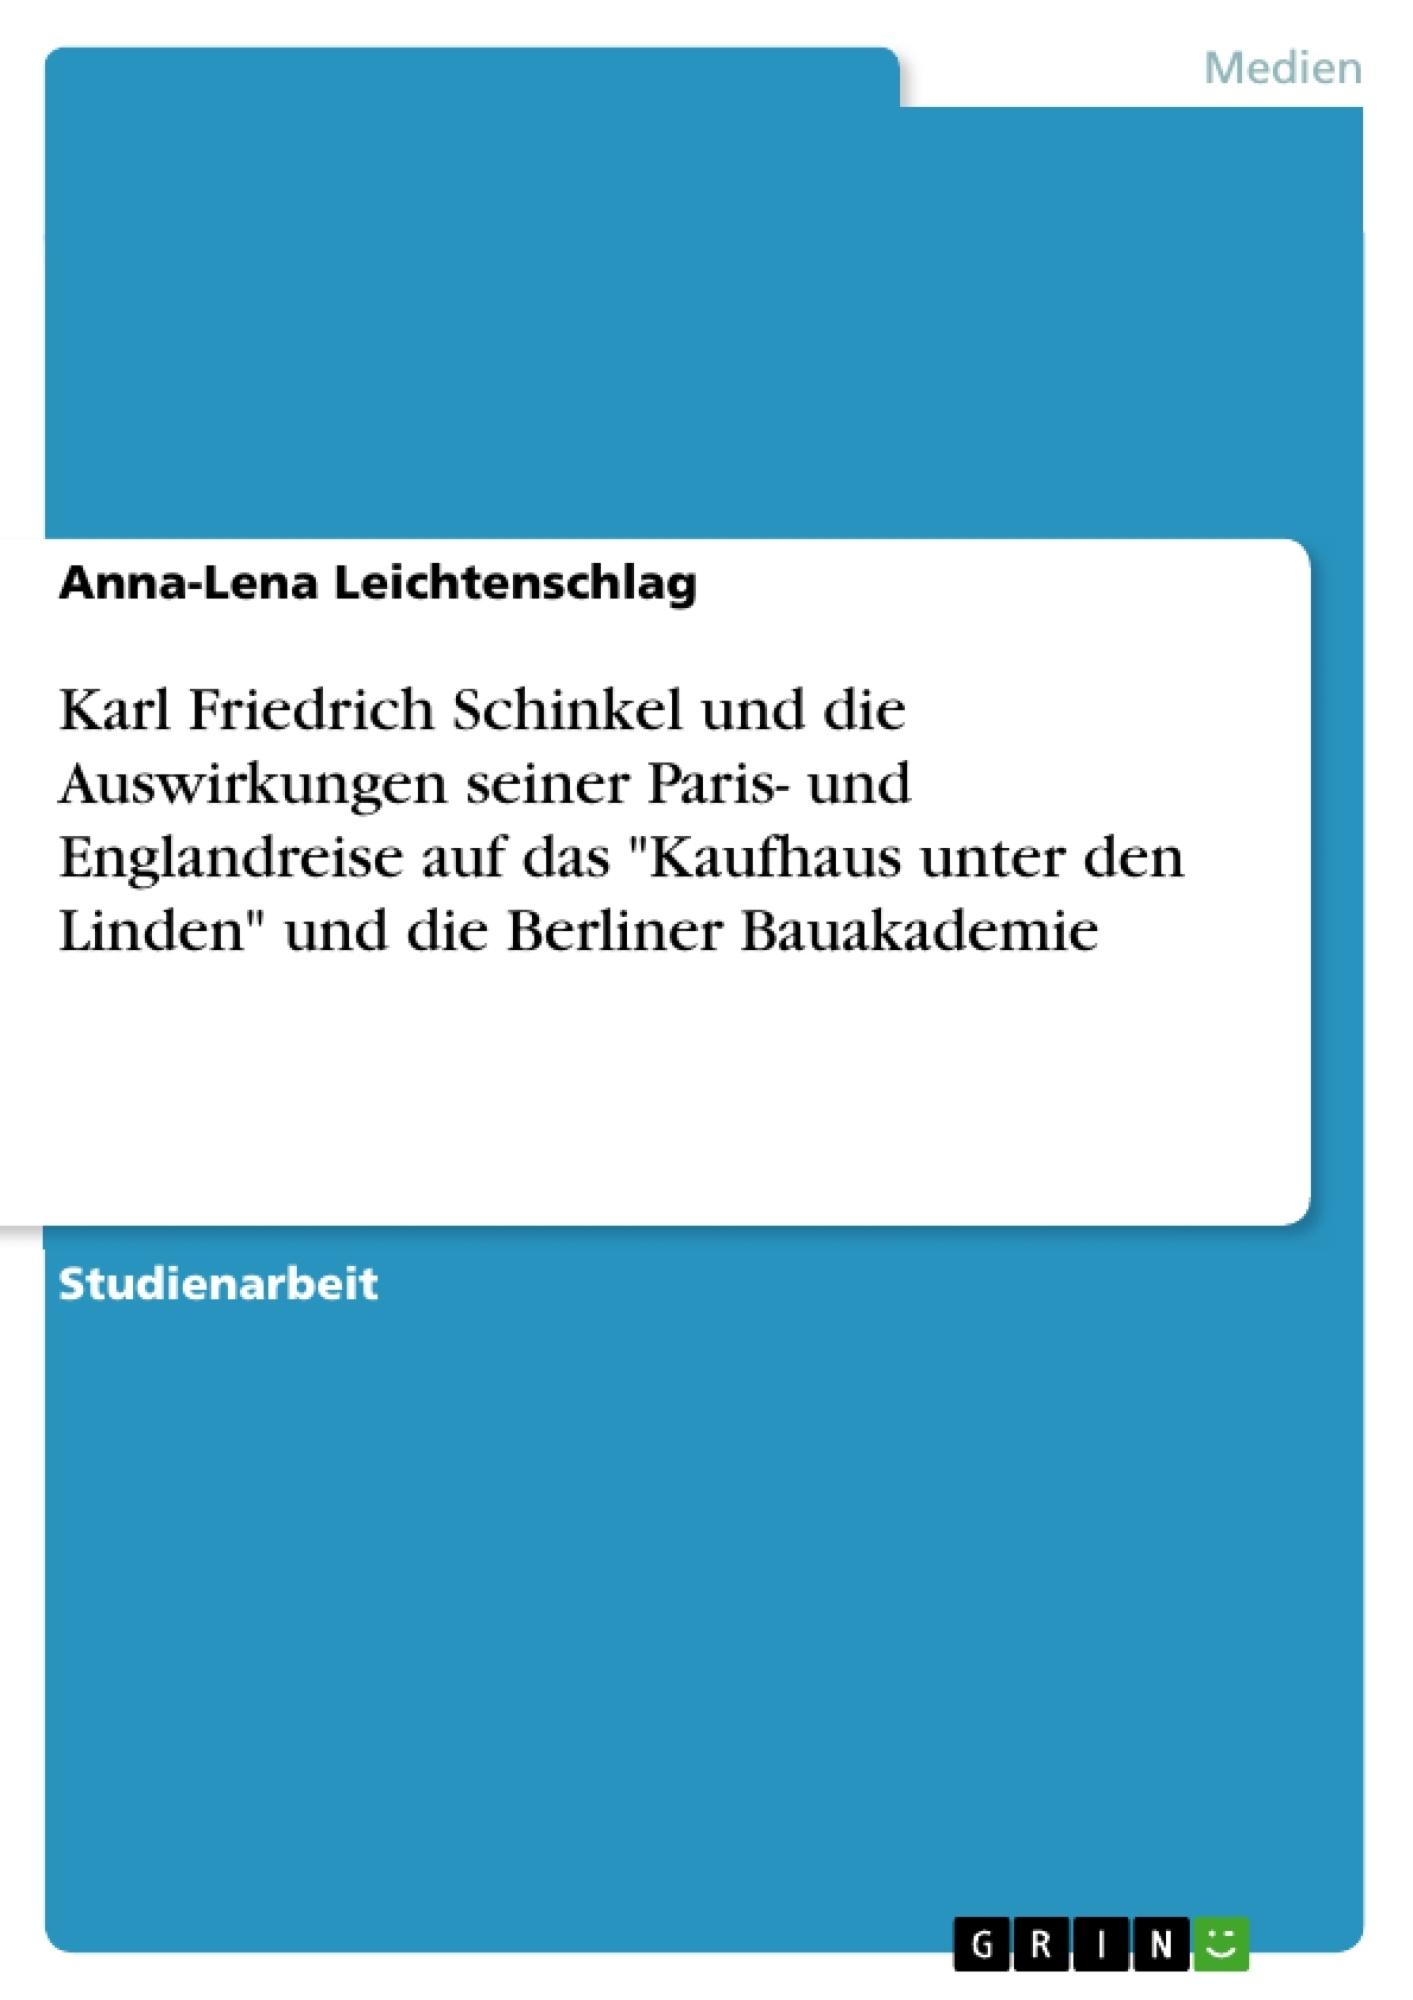 """Titel: Karl Friedrich Schinkel und die Auswirkungen seiner Paris- und Englandreise auf das """"Kaufhaus unter den Linden"""" und die Berliner Bauakademie"""